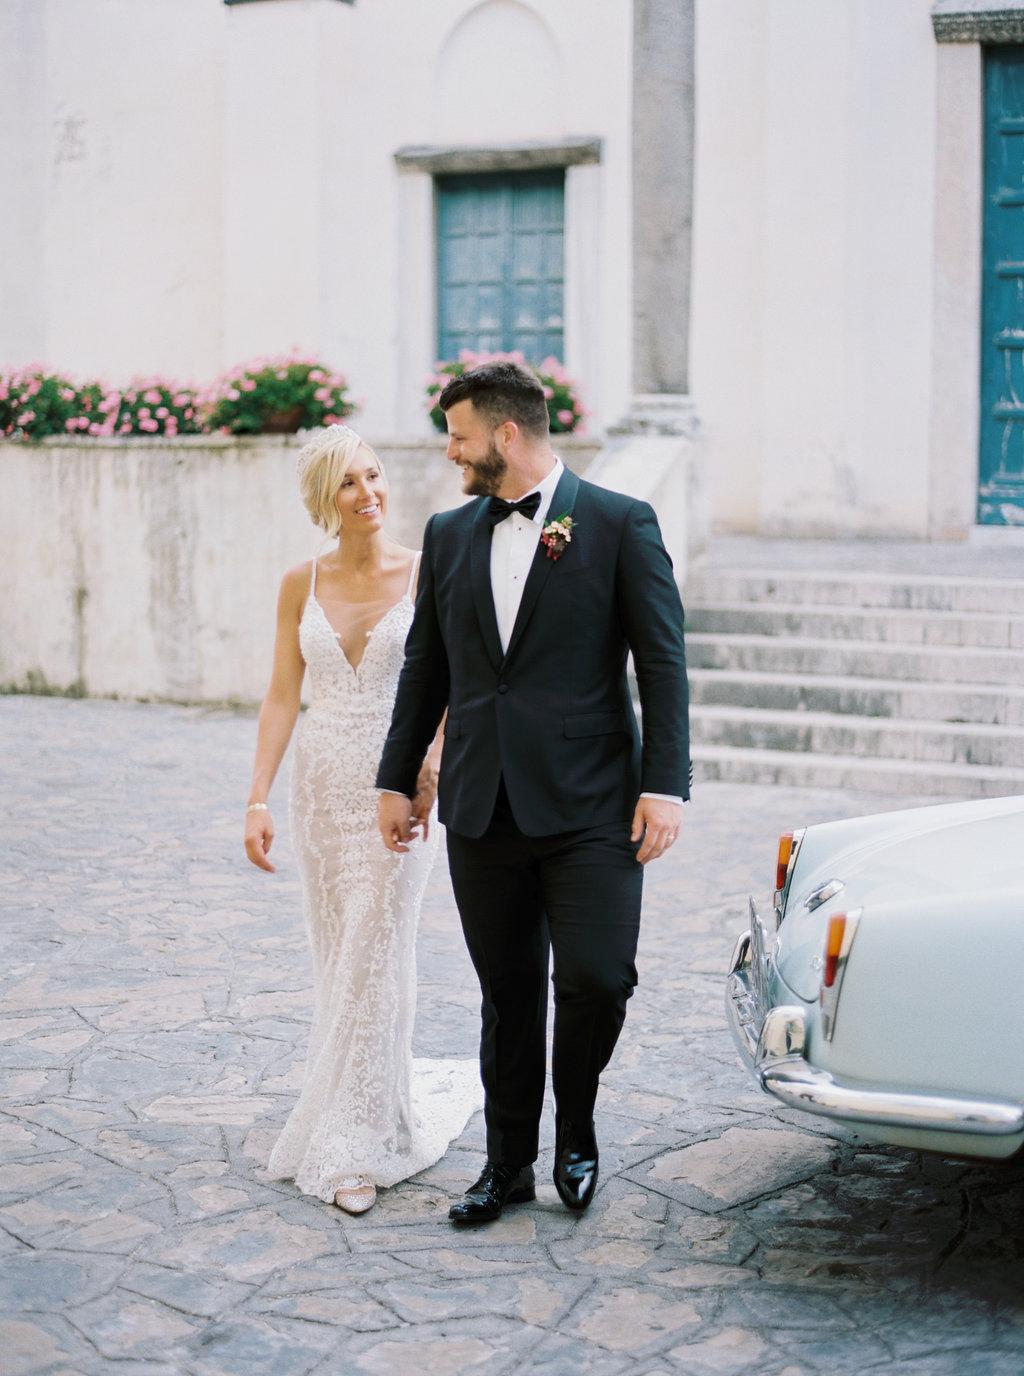 Allie & Joey - RAVELLO, AMALFI, ITALY